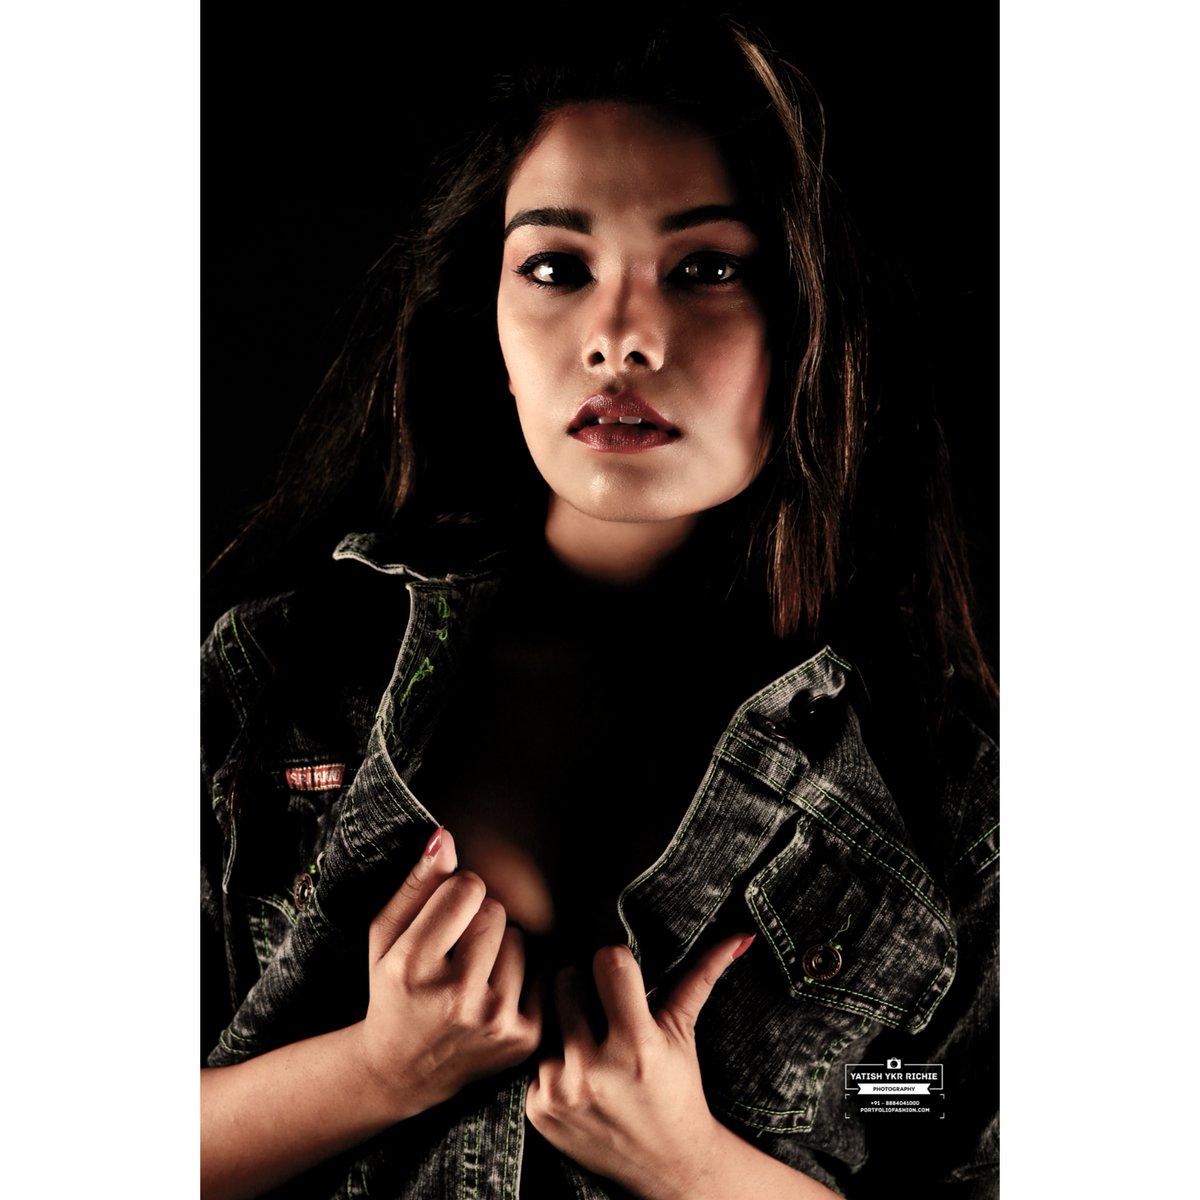 #ykr #ykrphotography #modelingshoot #model_potrait #modelingagencies #modellingphotography #models #bangaloremodel #bangalorephotgrapher #potraitmood #potraitmaking #grace #style #femalemodel #femalemodelbangalore #bangaloreimages #photography #photoshoot #photographer...pic.twitter.com/5uho1EpxBS